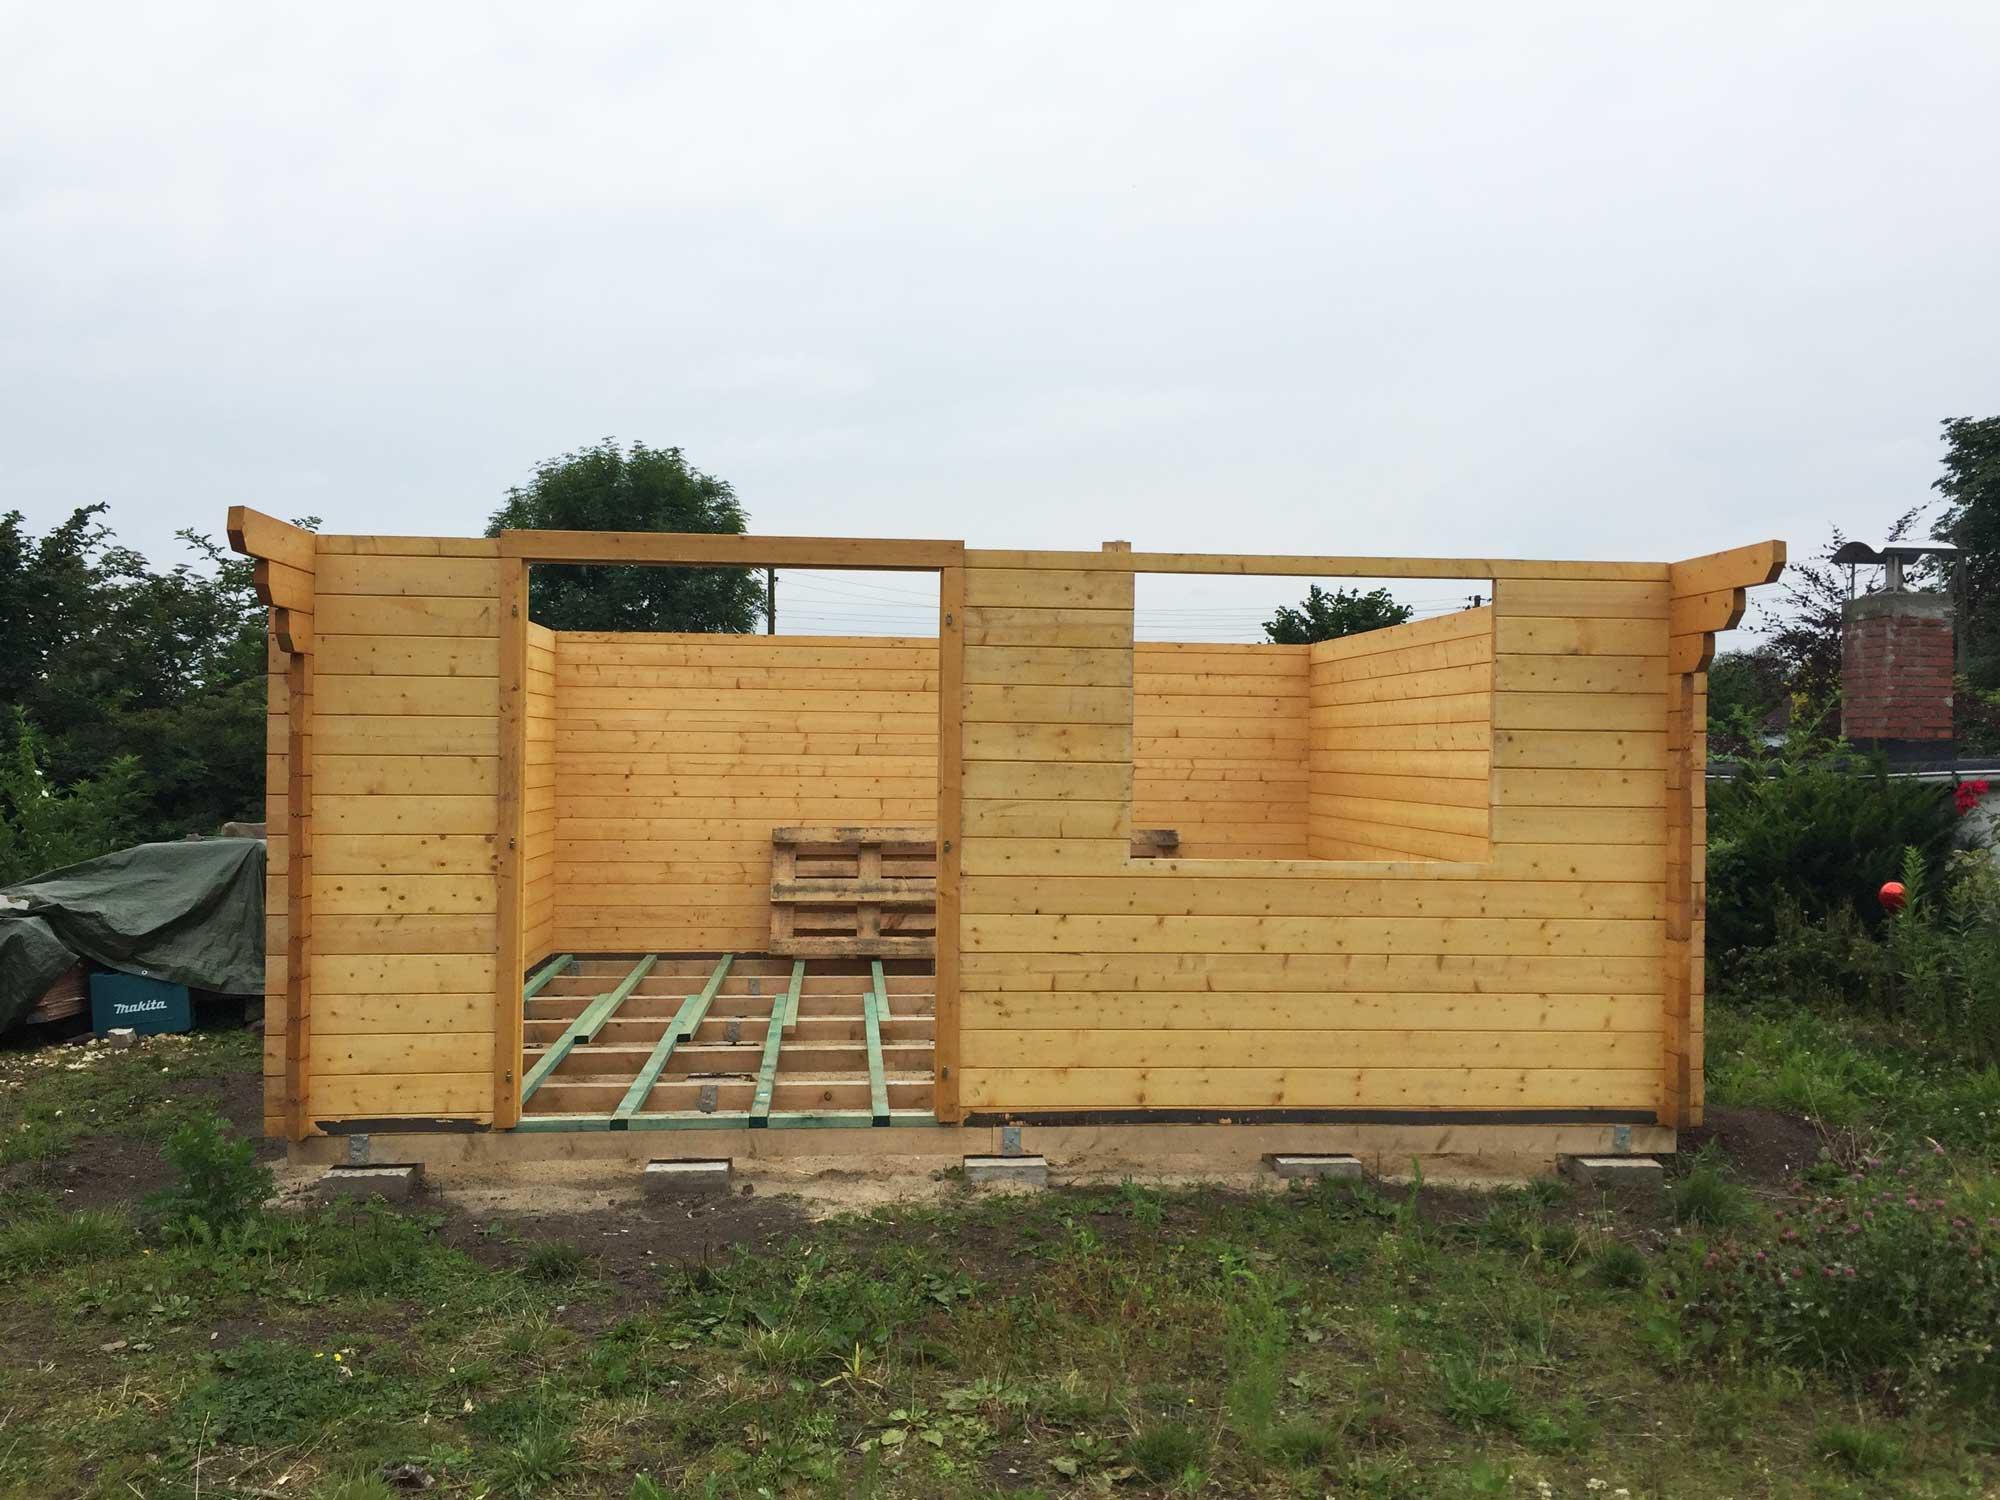 Korpus einer Gartenhütte aus Holz.